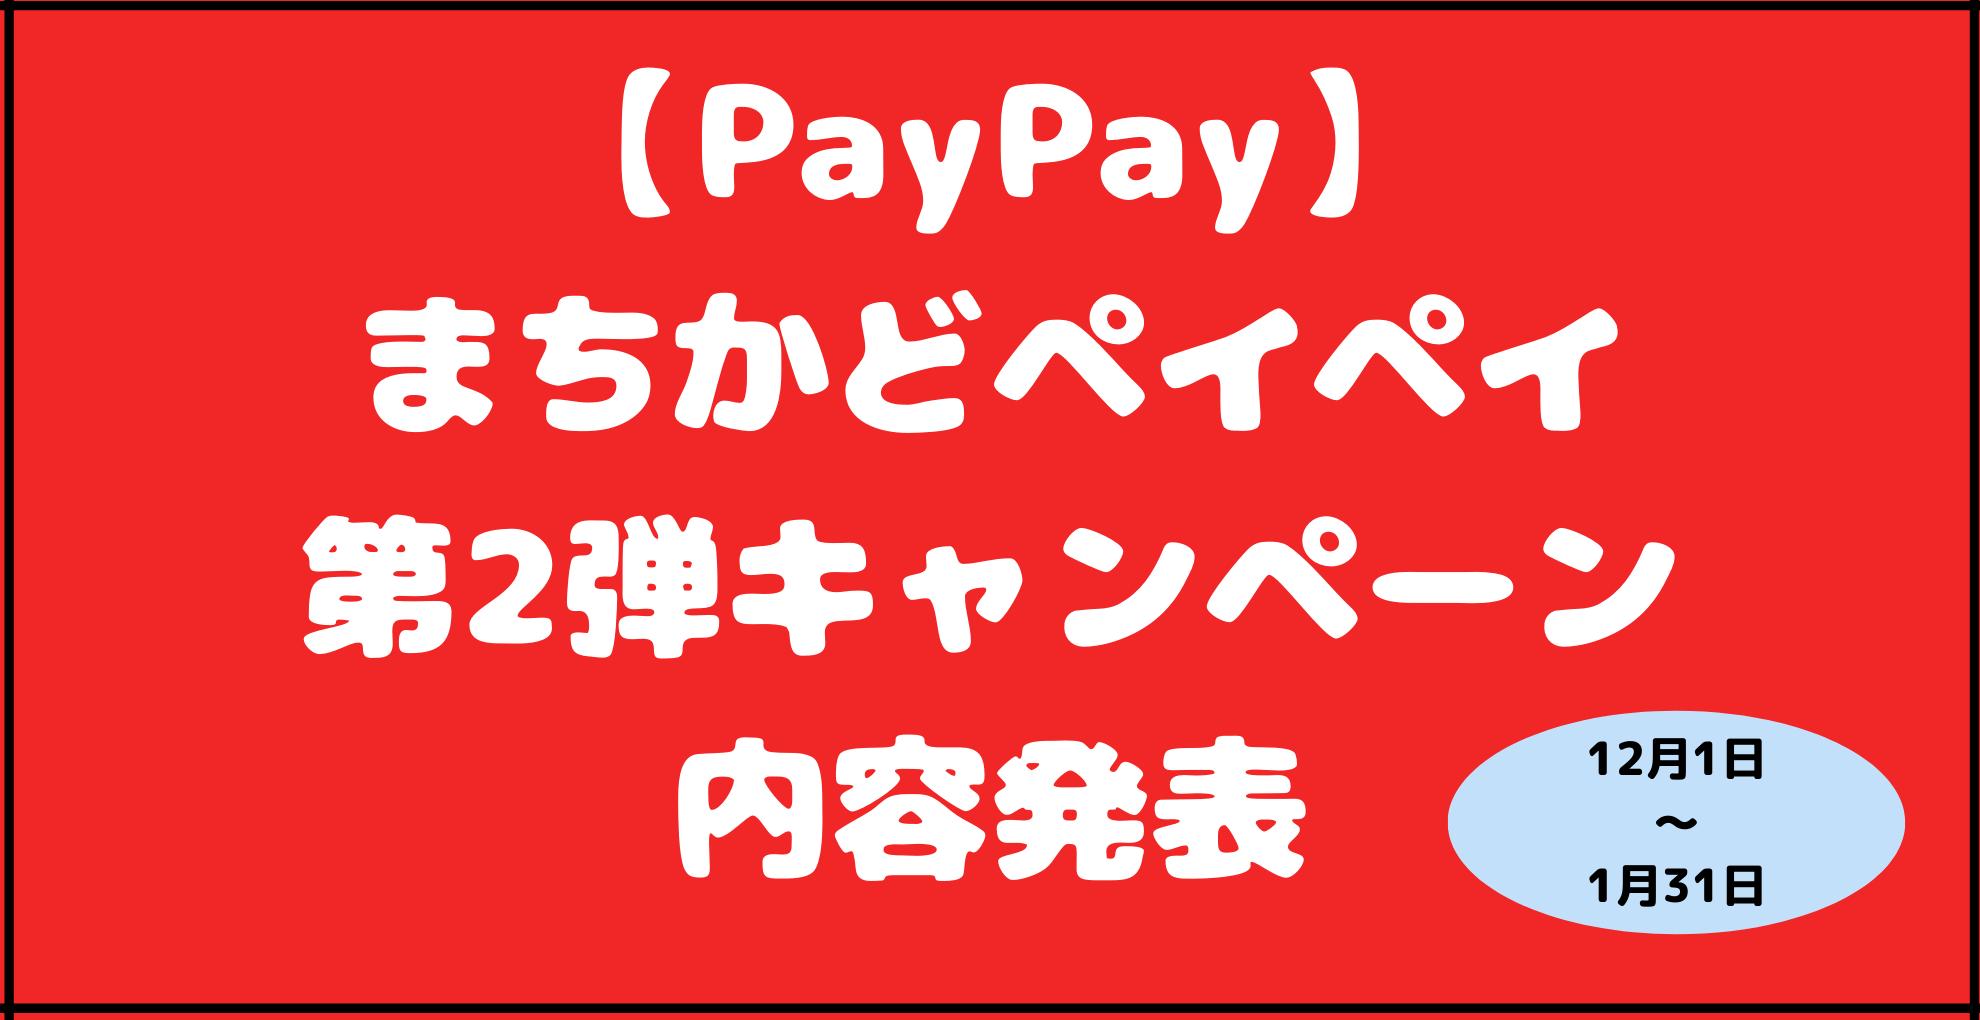 【PayPay】まちかどPayPay 第2弾キャンペーン 内容発表